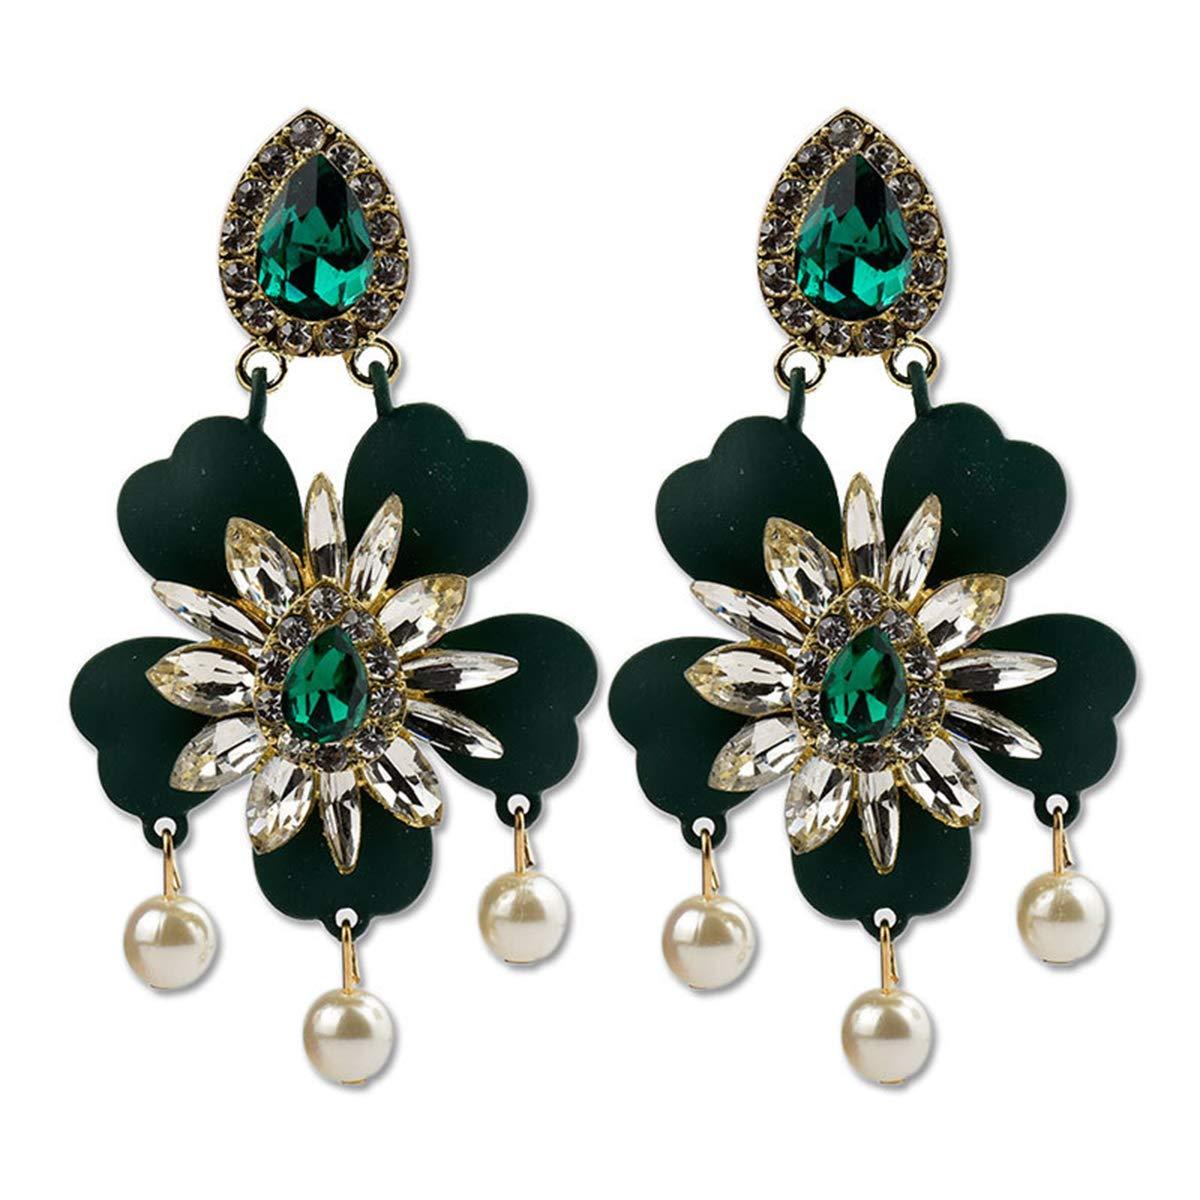 Helloriver Rhinestone Stud Earrings Crystal Flower Stud Earrings